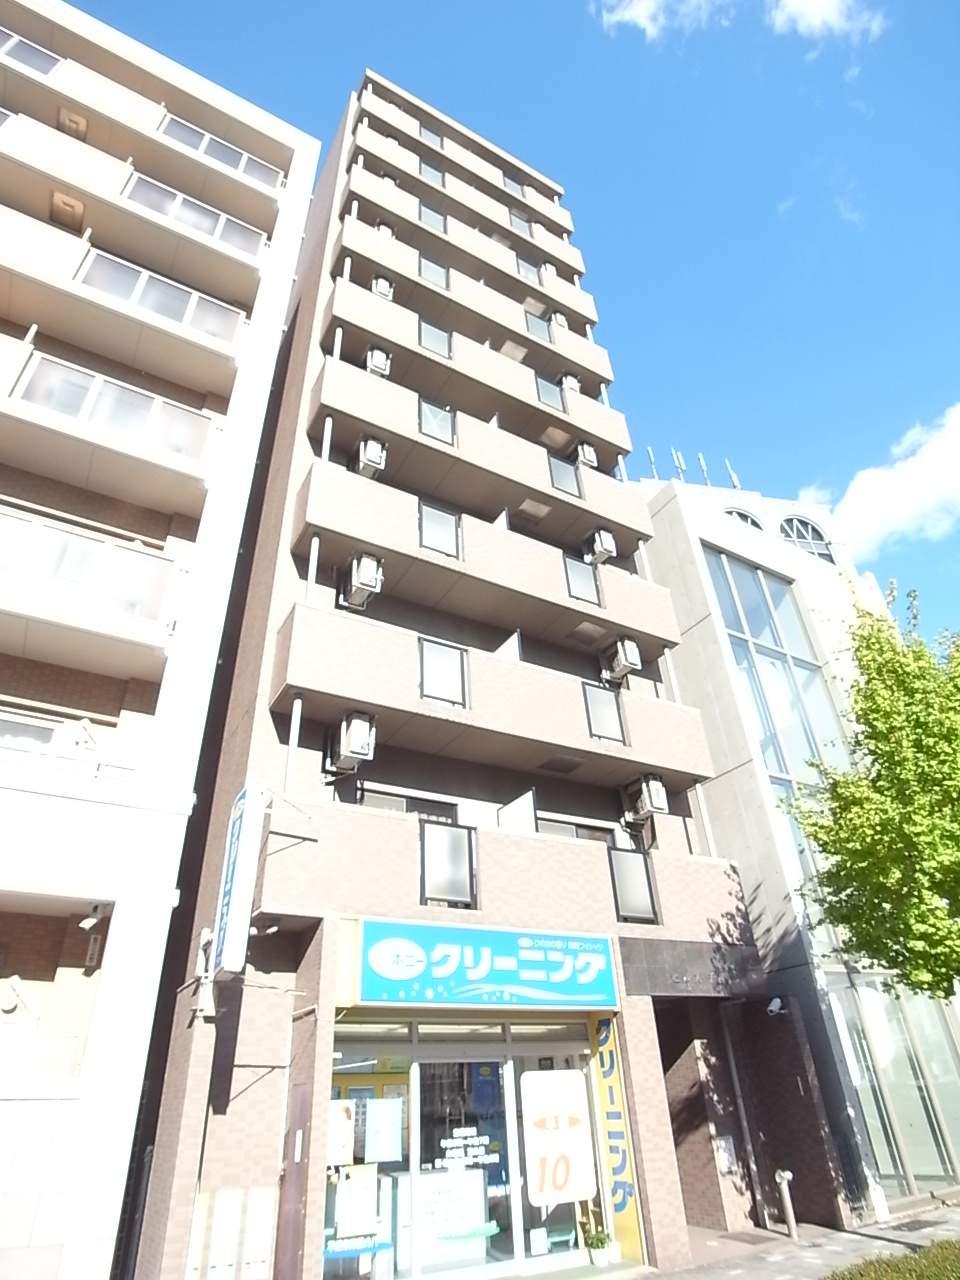 愛知県名古屋市中区、新栄町駅徒歩9分の築17年 10階建の賃貸マンション